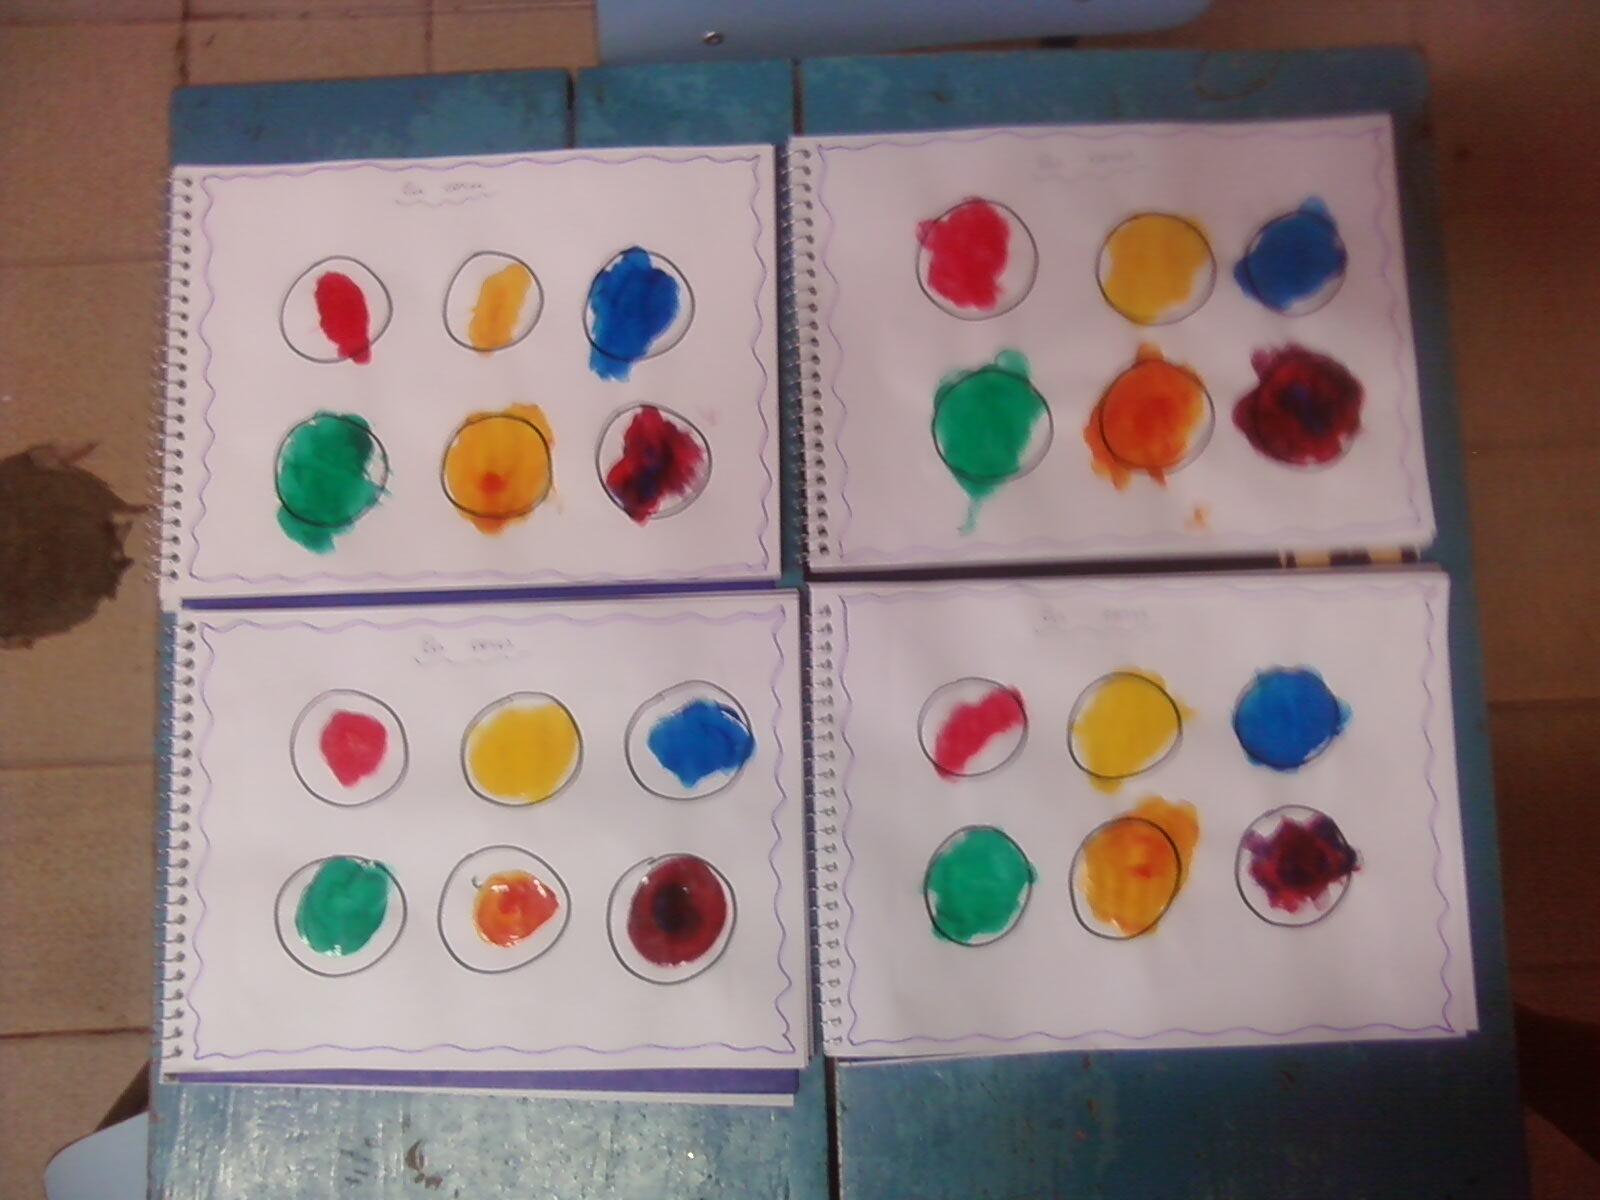 Populares Menina Arteir@: Projeto Bom dia todas as cores IT42